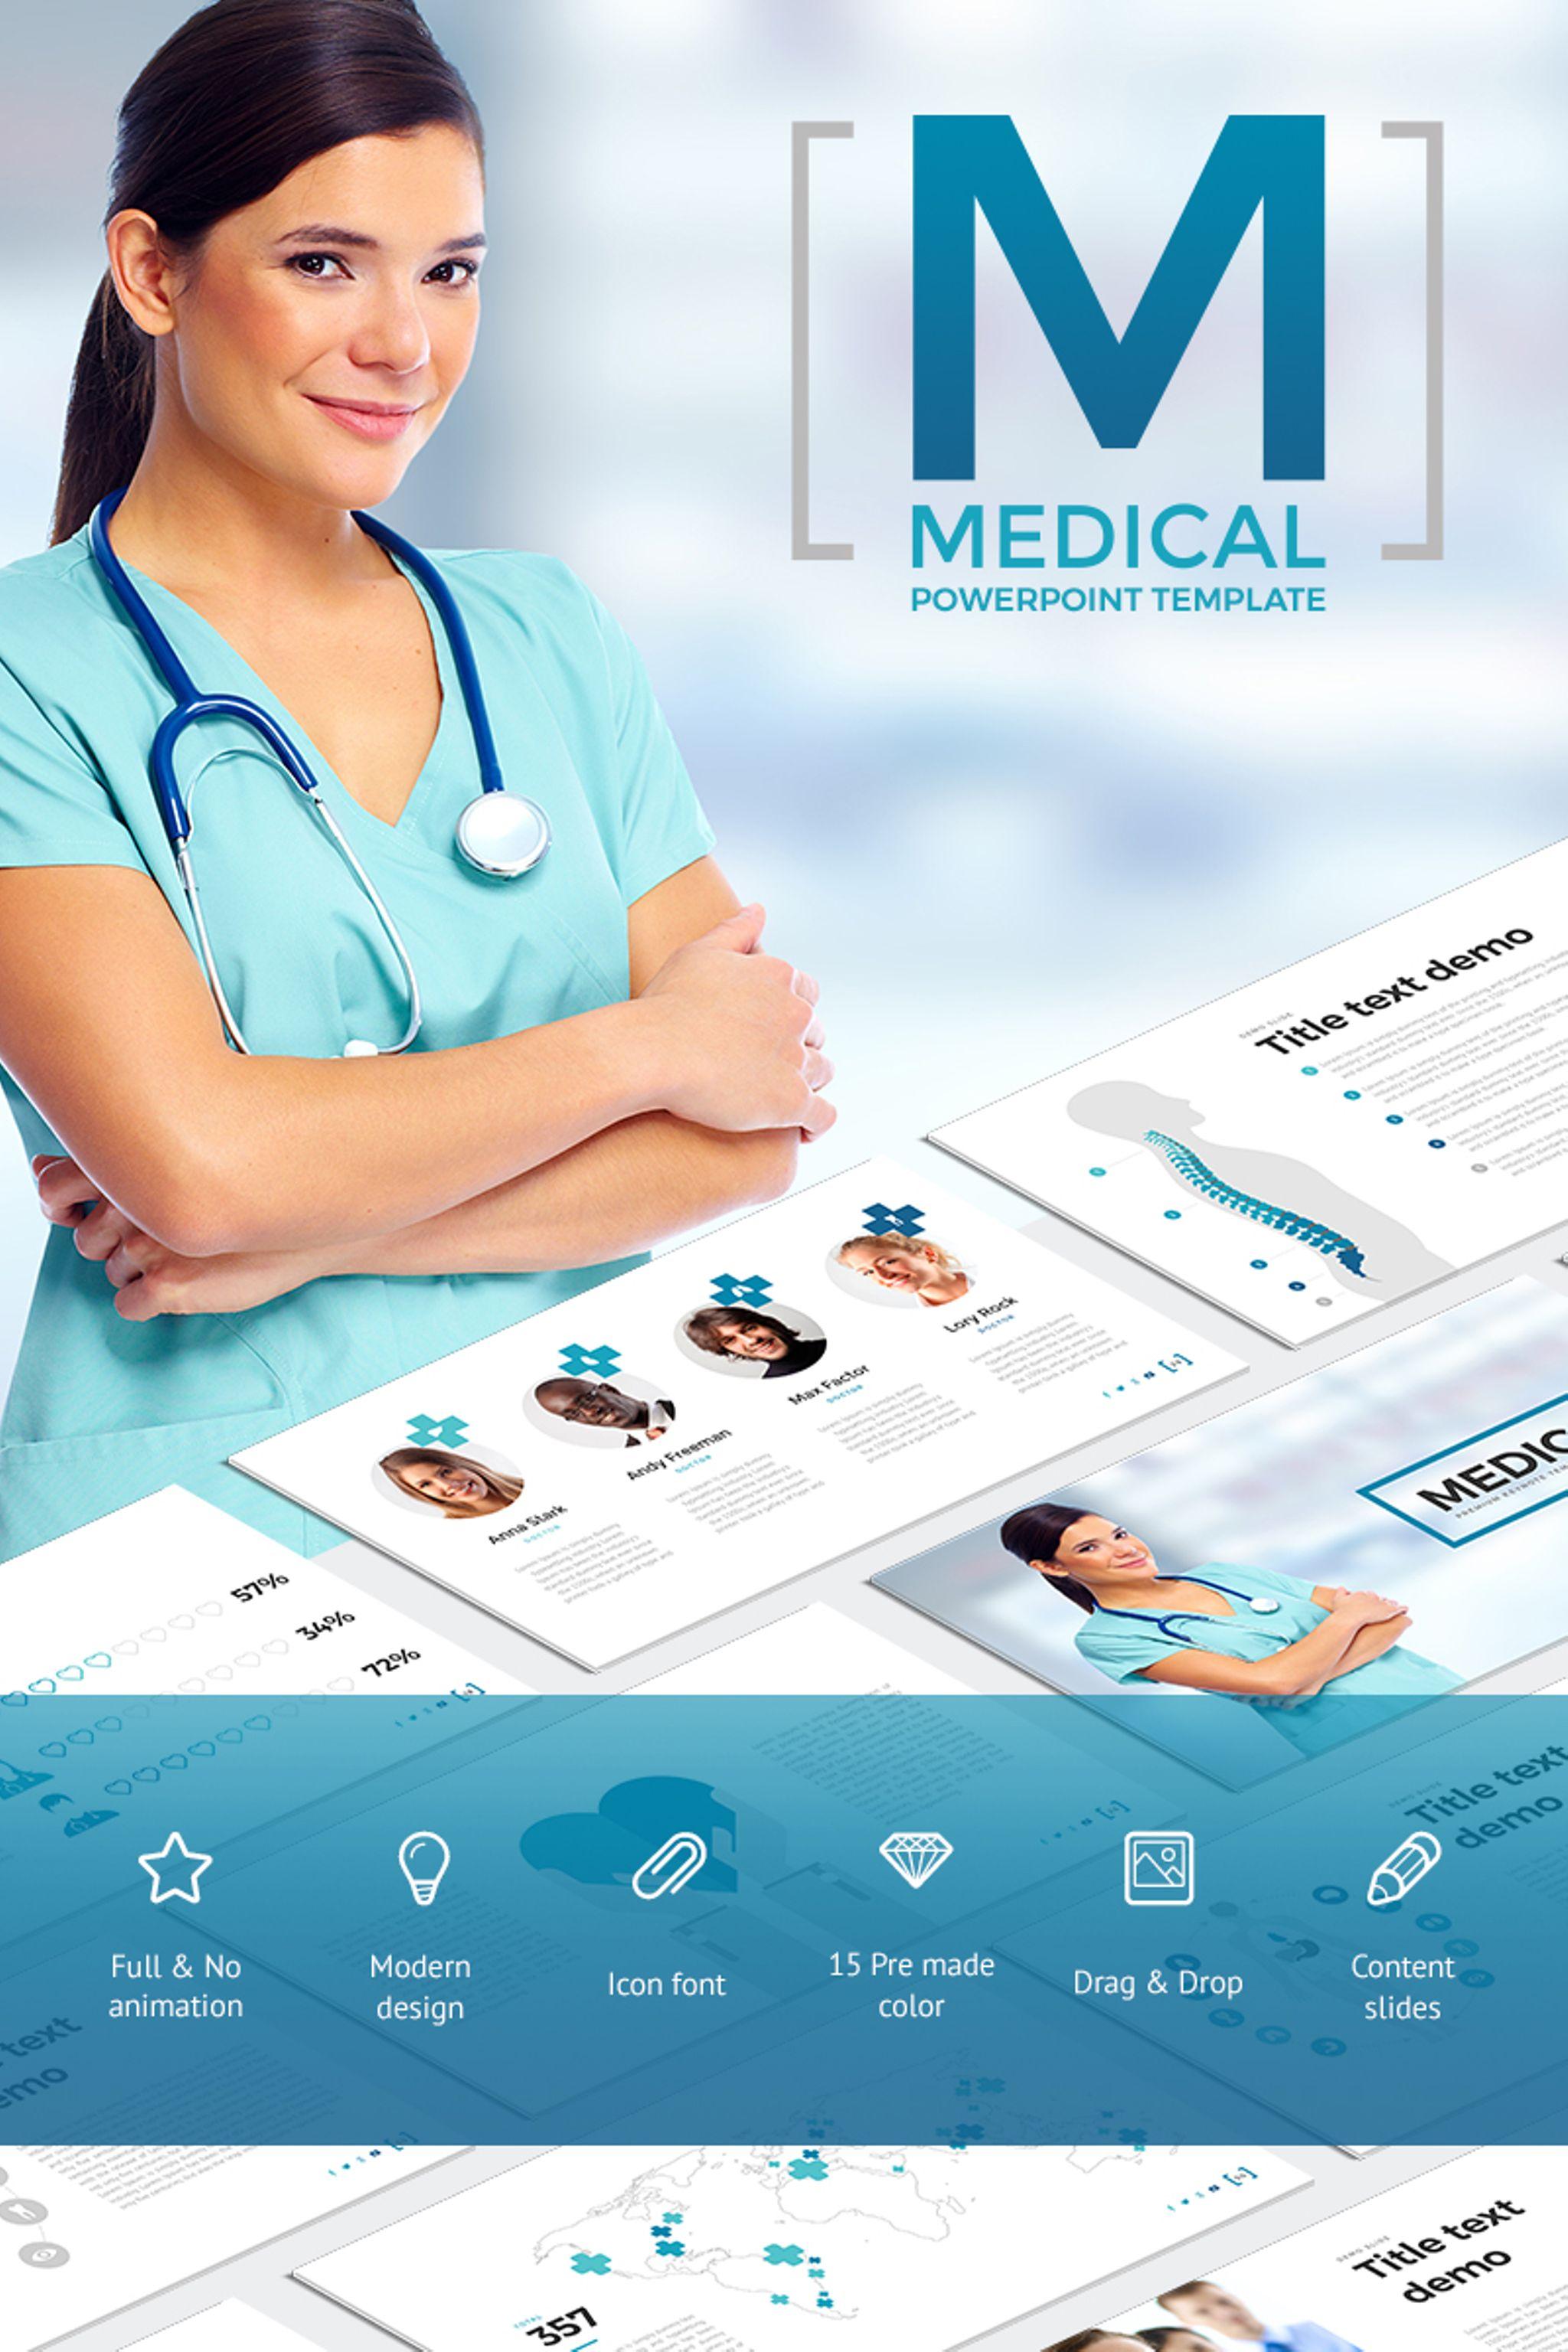 Szablon PowerPoint Medical - #65790